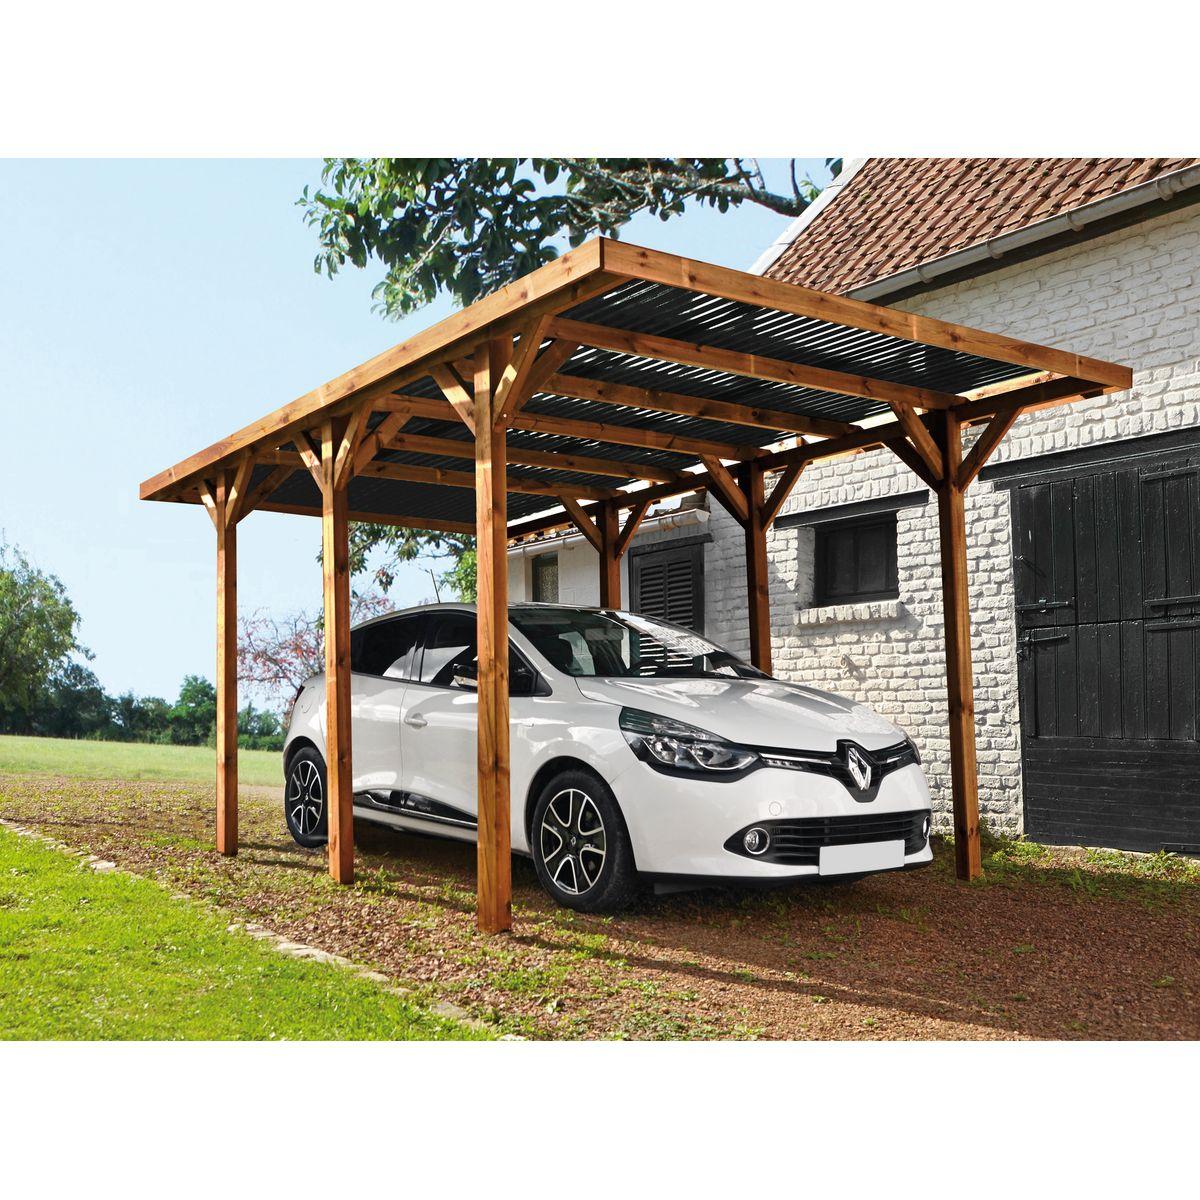 Carport en bois traité Enzo 15,72 m² (With images